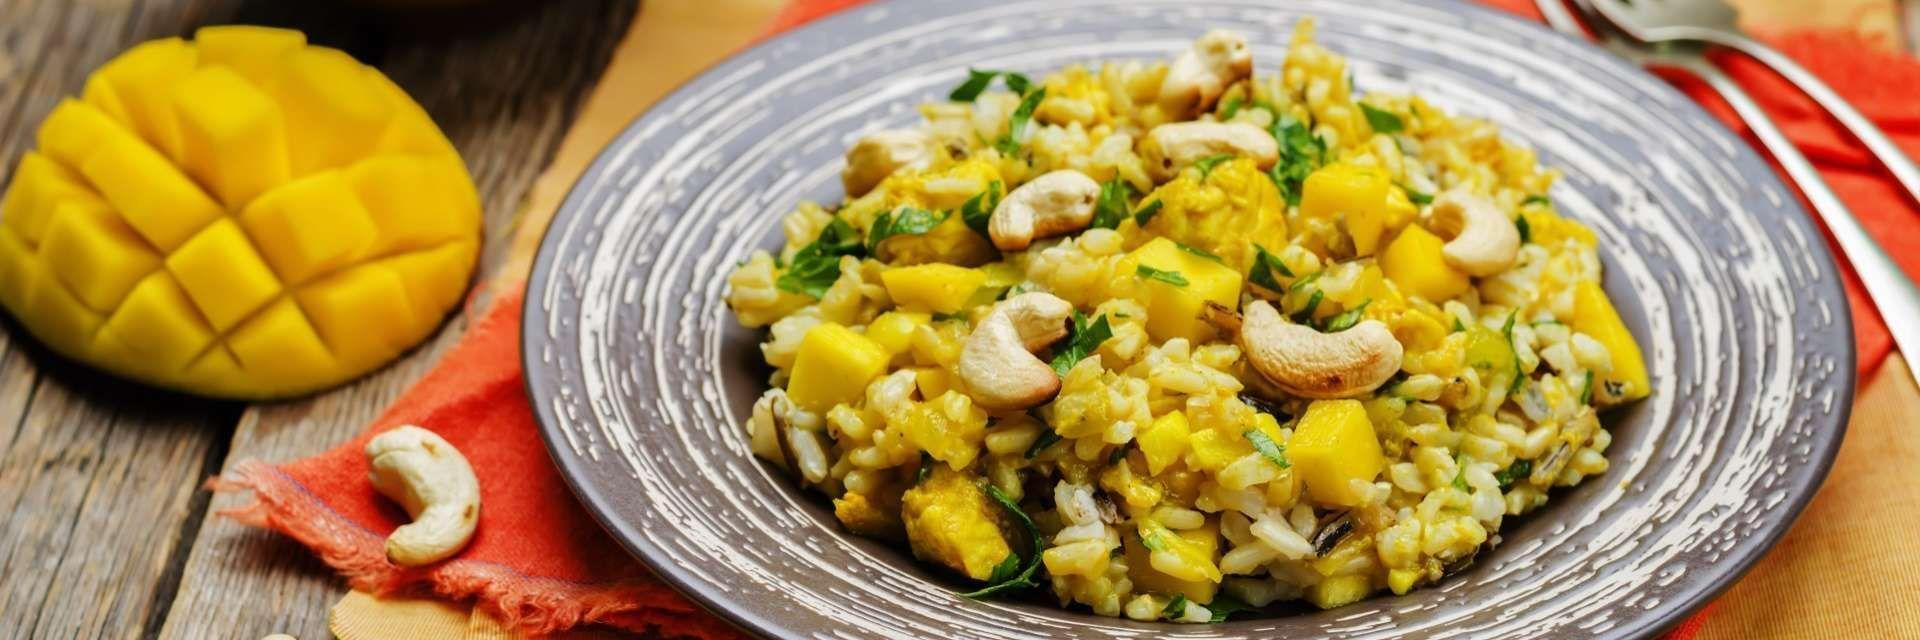 arroz natalino com aspargos e manga